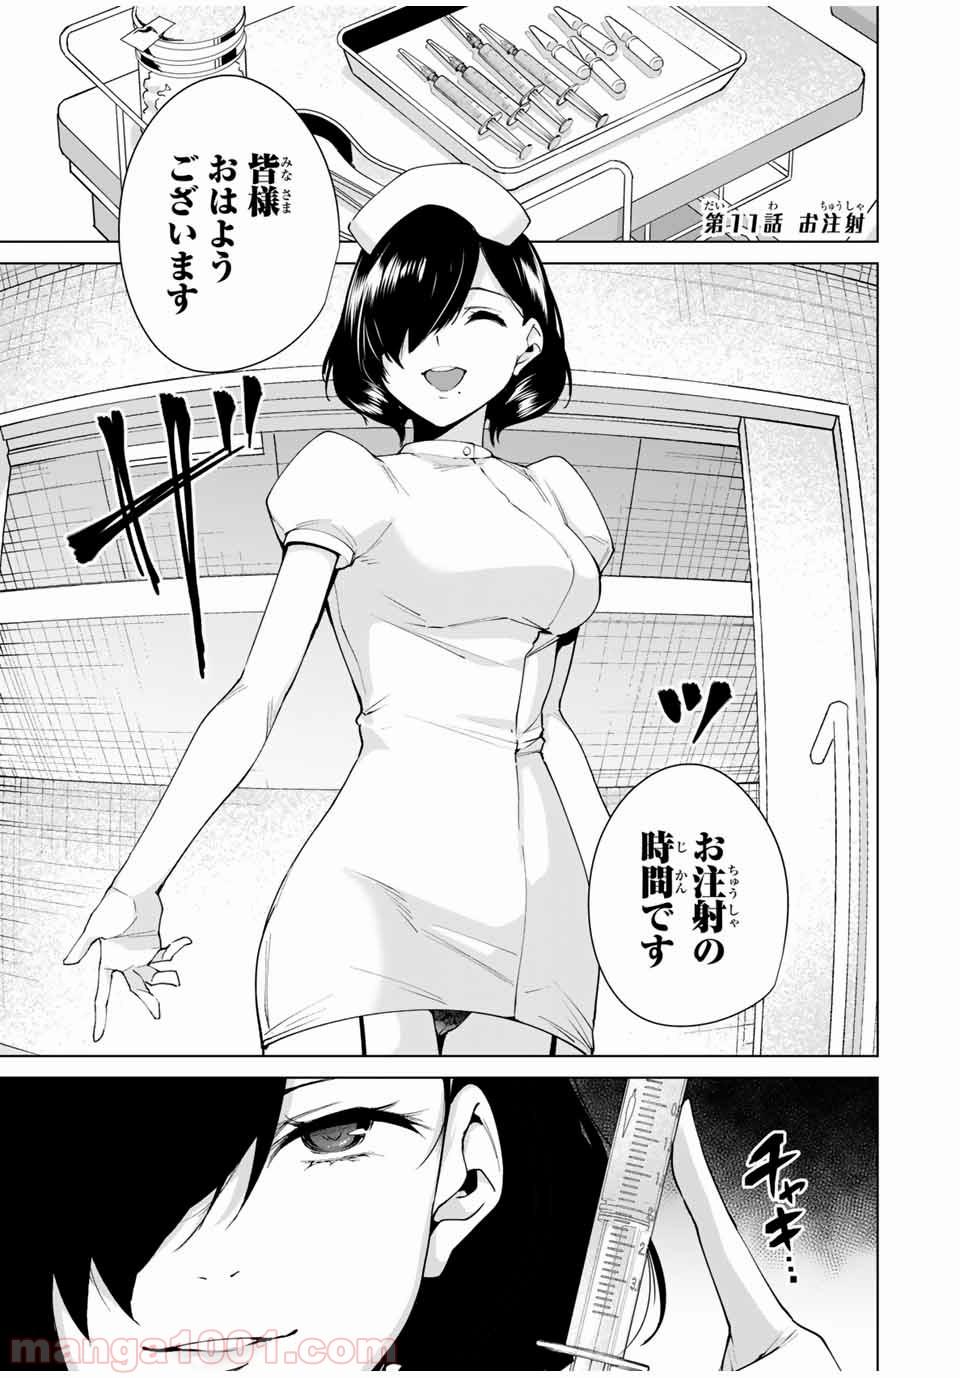 『ディスティニーラバーズ』漫画2巻を無料で読むには?